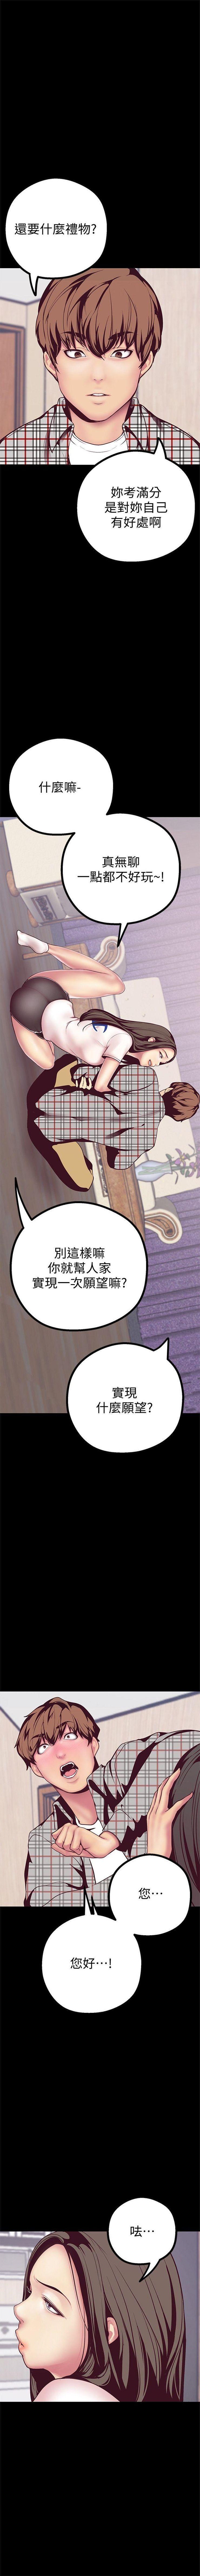 (週1)美麗新世界 1-76 中文翻譯 (更新中) 76